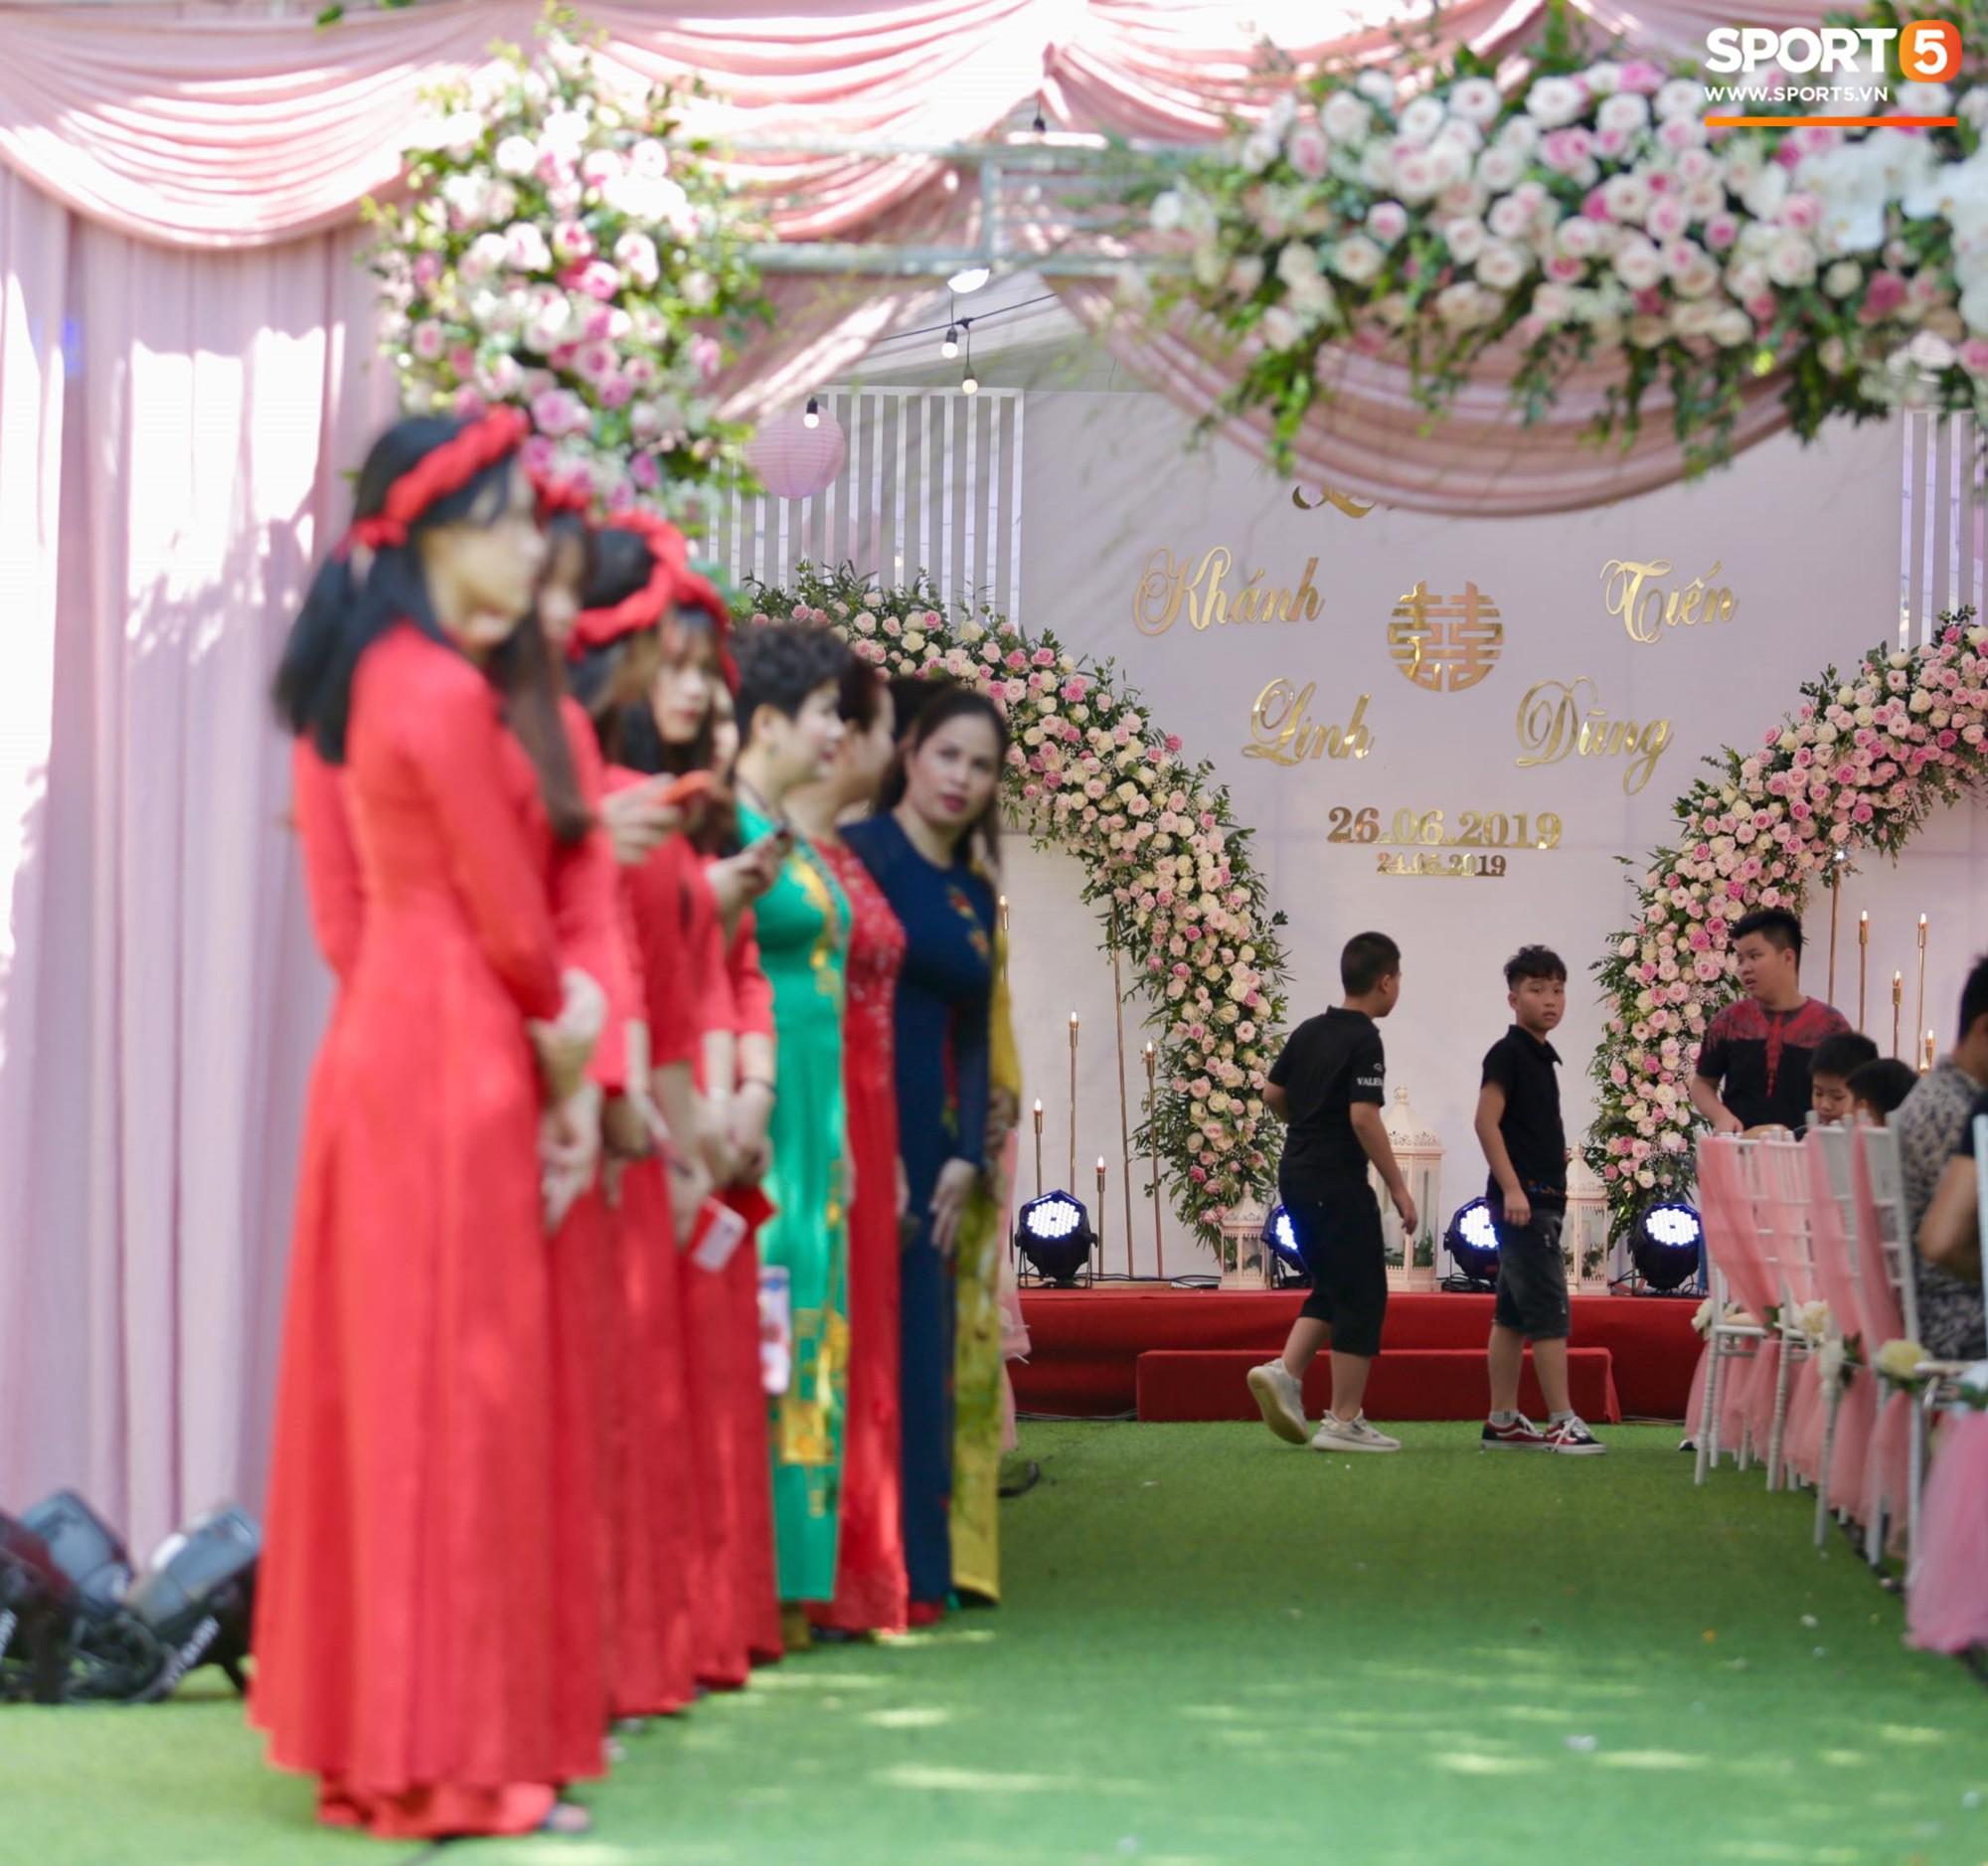 Bùi Tiến Dũng và cô dâu Khánh Linh hôn nhau say đắm, hát Nắm Lấy Tay Anh cực ngọt ngào-13